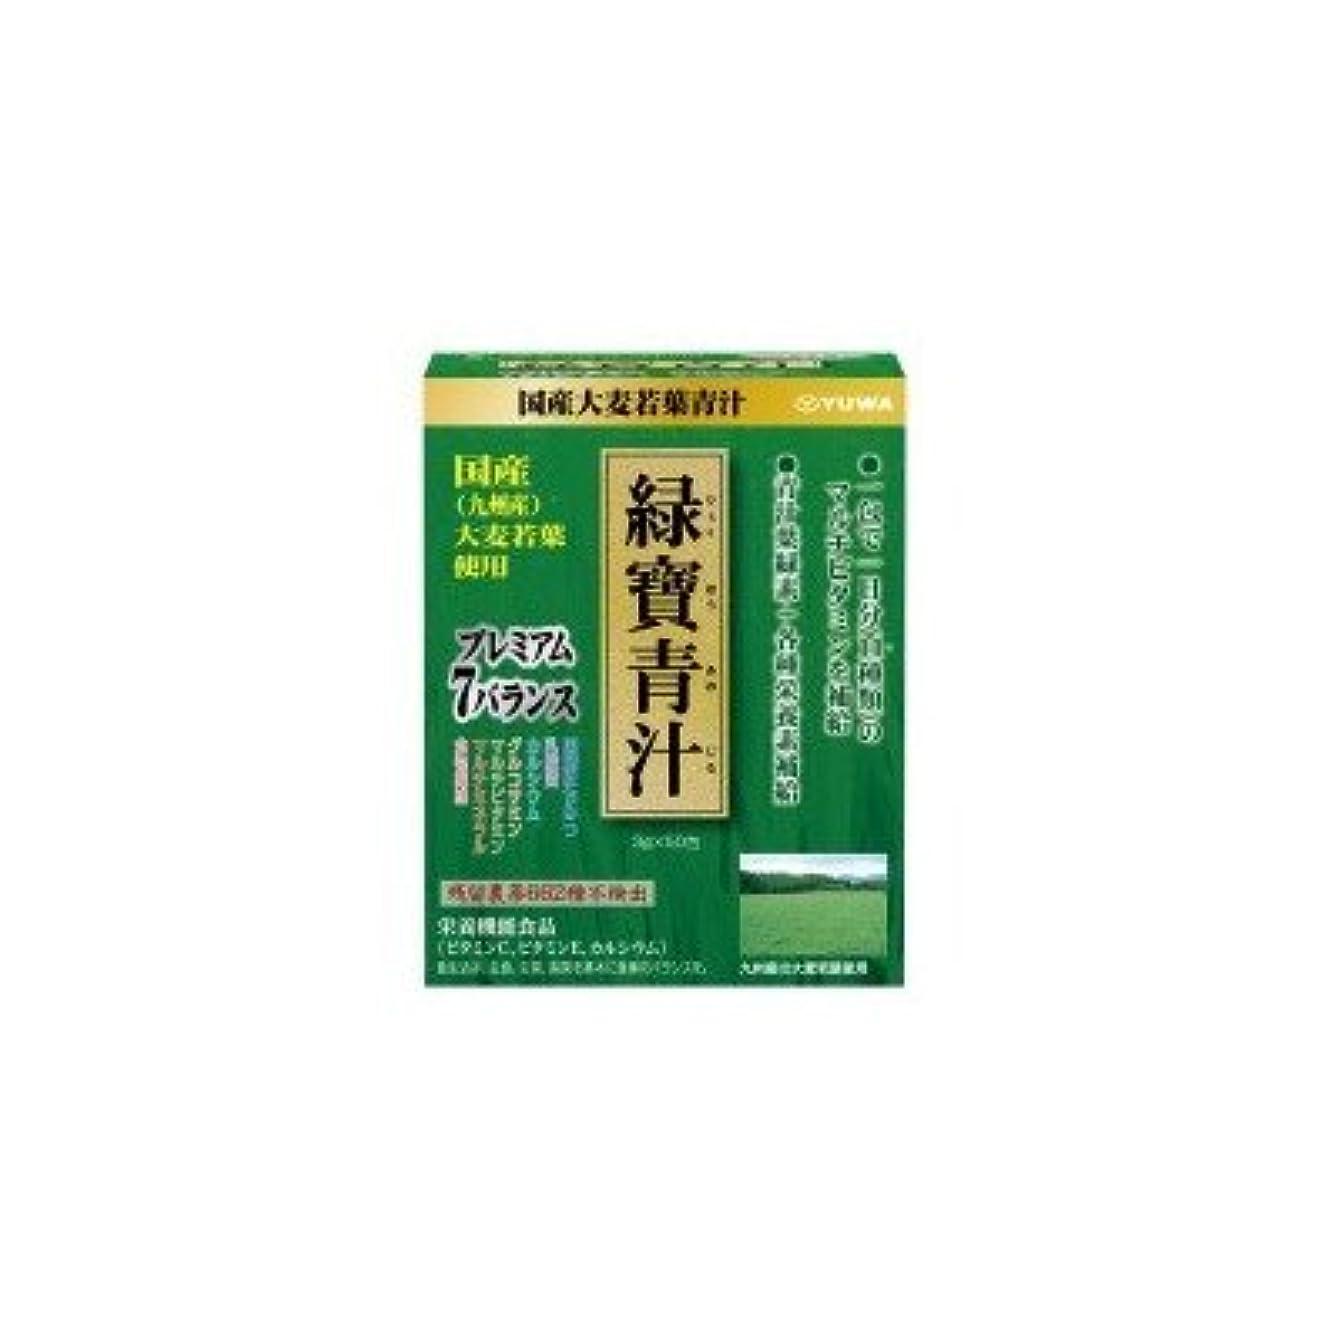 もの娘靴下ユーワ 九州産大麦若葉使用 緑寶青汁 150g(3g×50包) 2865